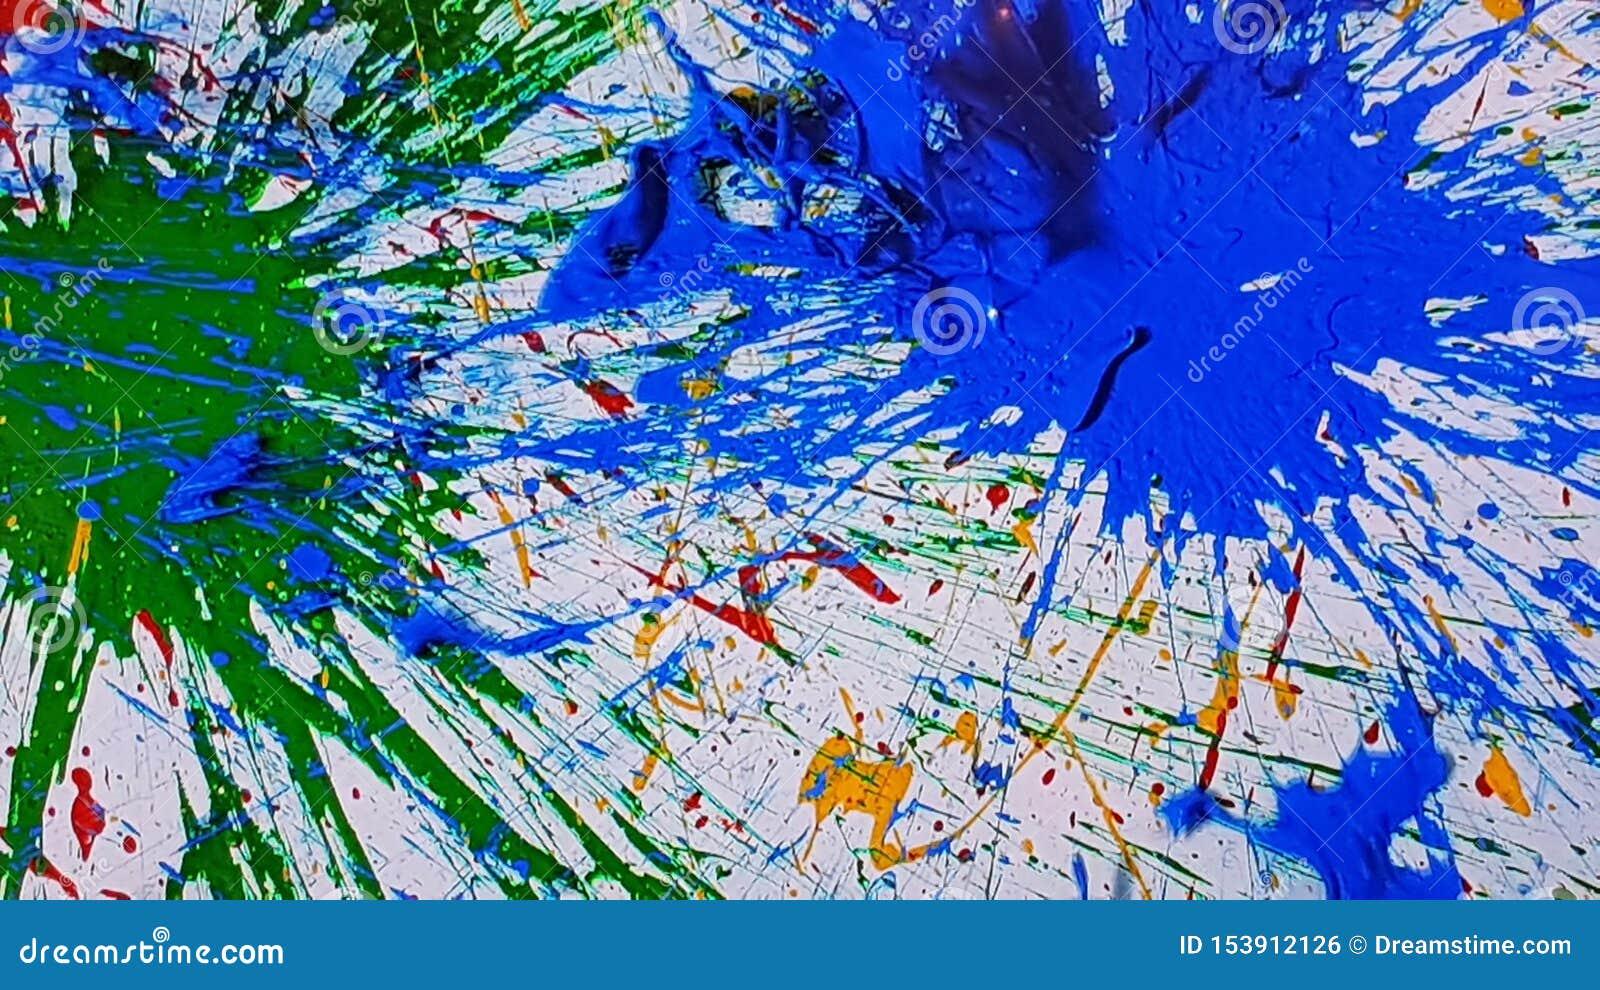 éclaboussement De La Peinture Bleu Et Vert Photo Stock